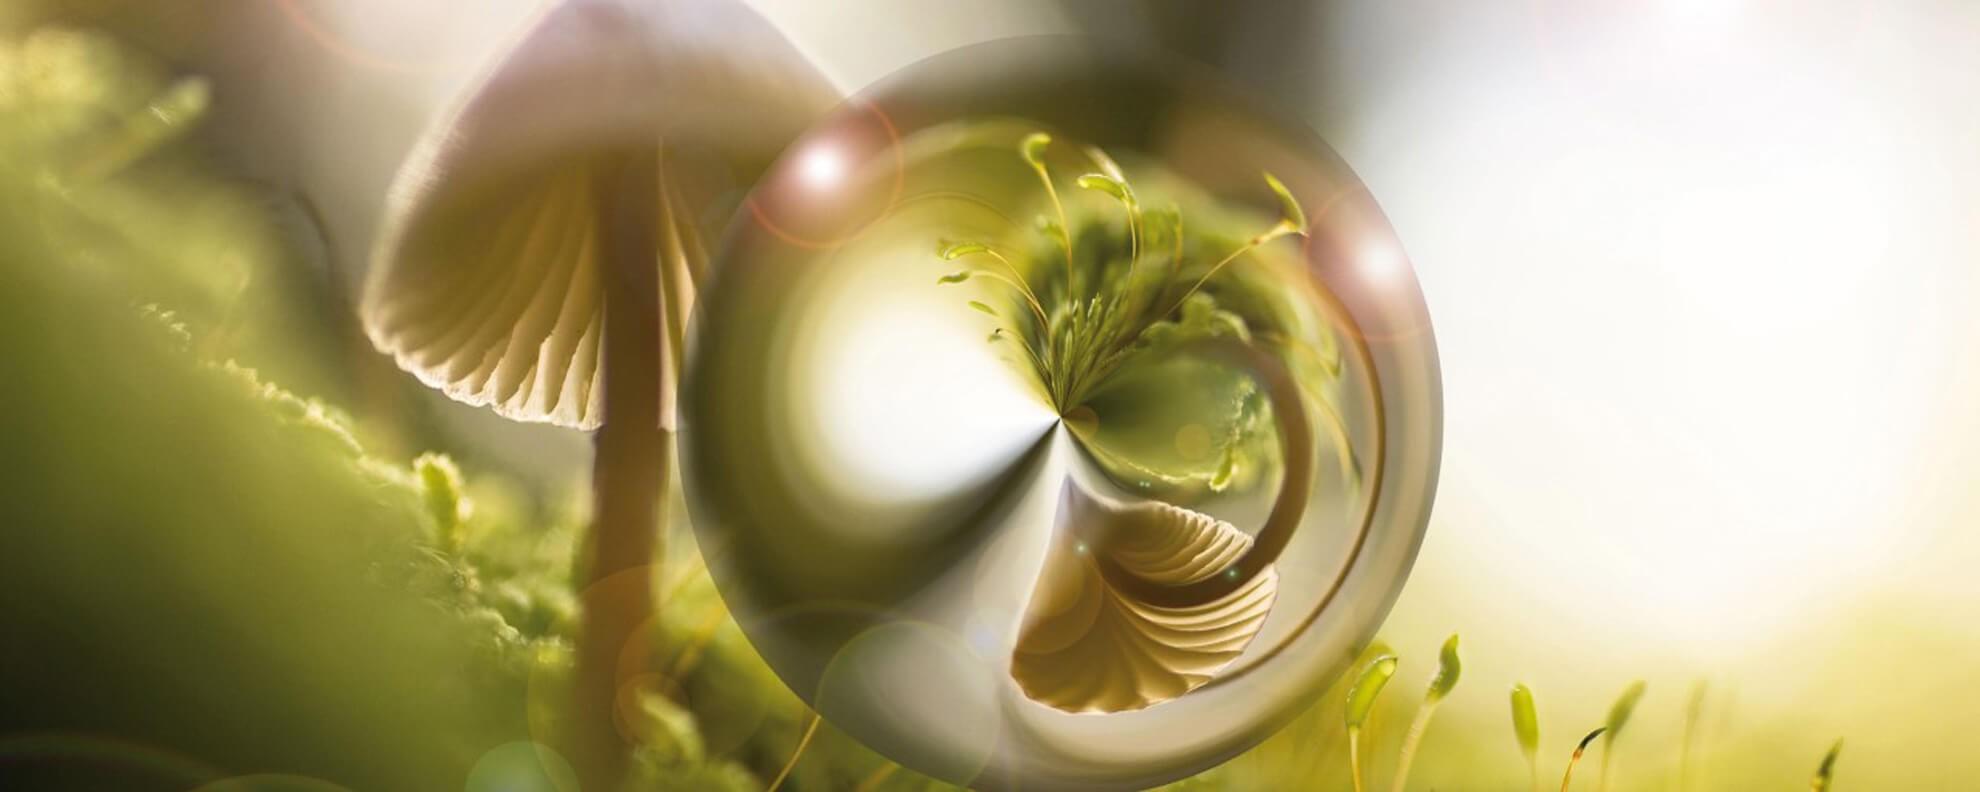 La mycothérapie - La médecine naturelle des champignons